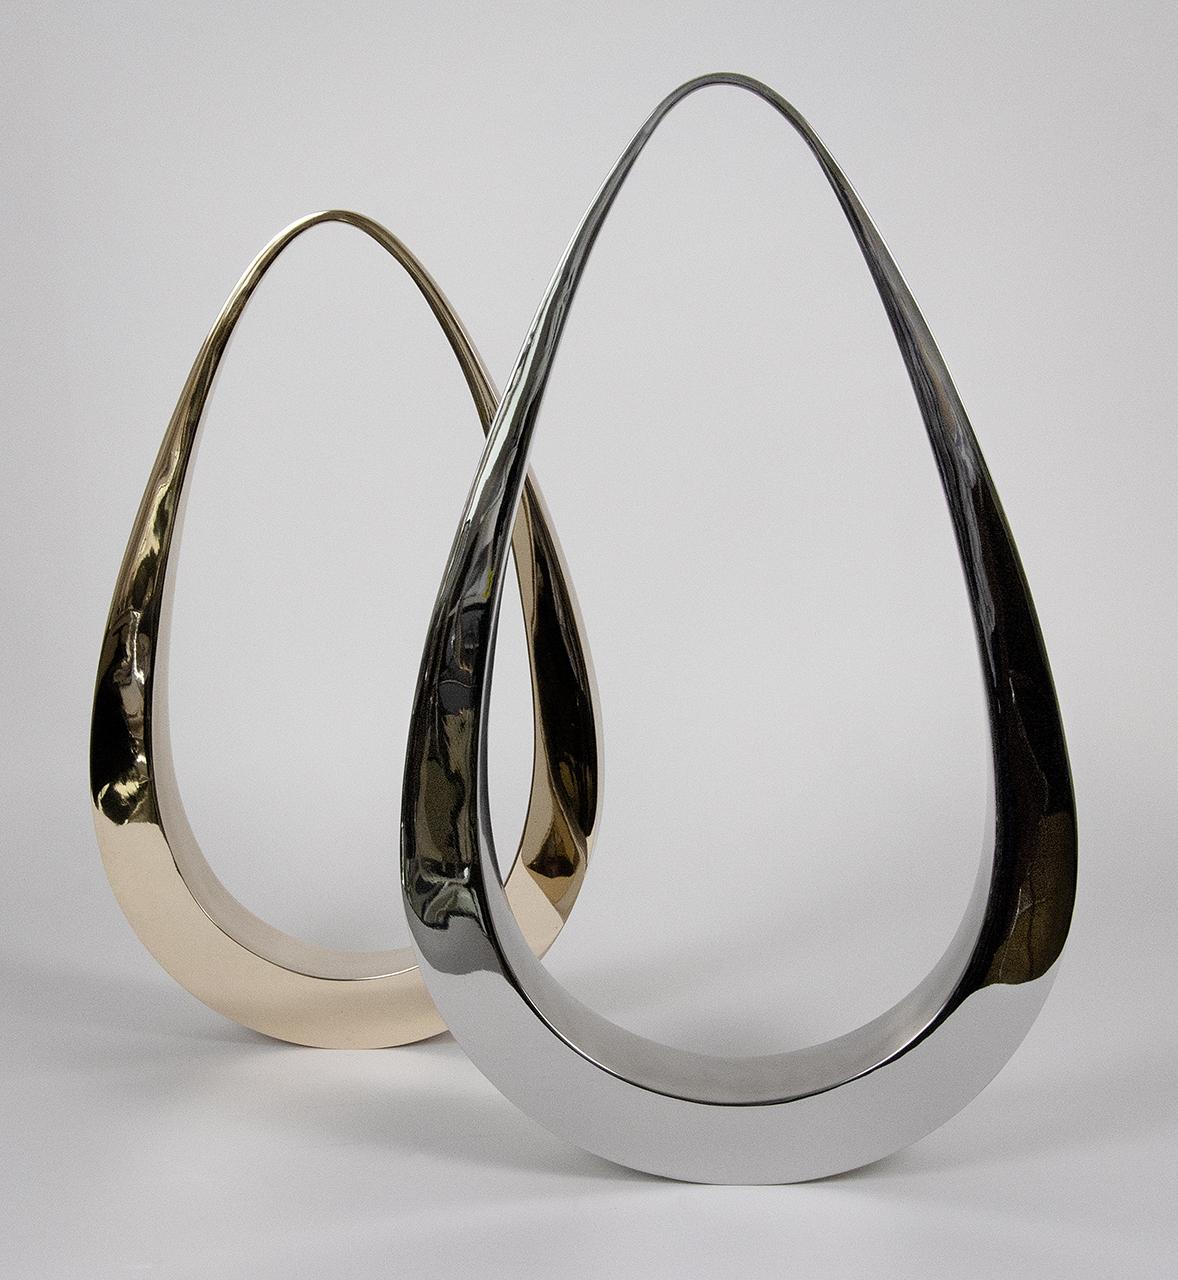 Bronze Pendulum and Stainless Pendulum Tarik Currimbhoy